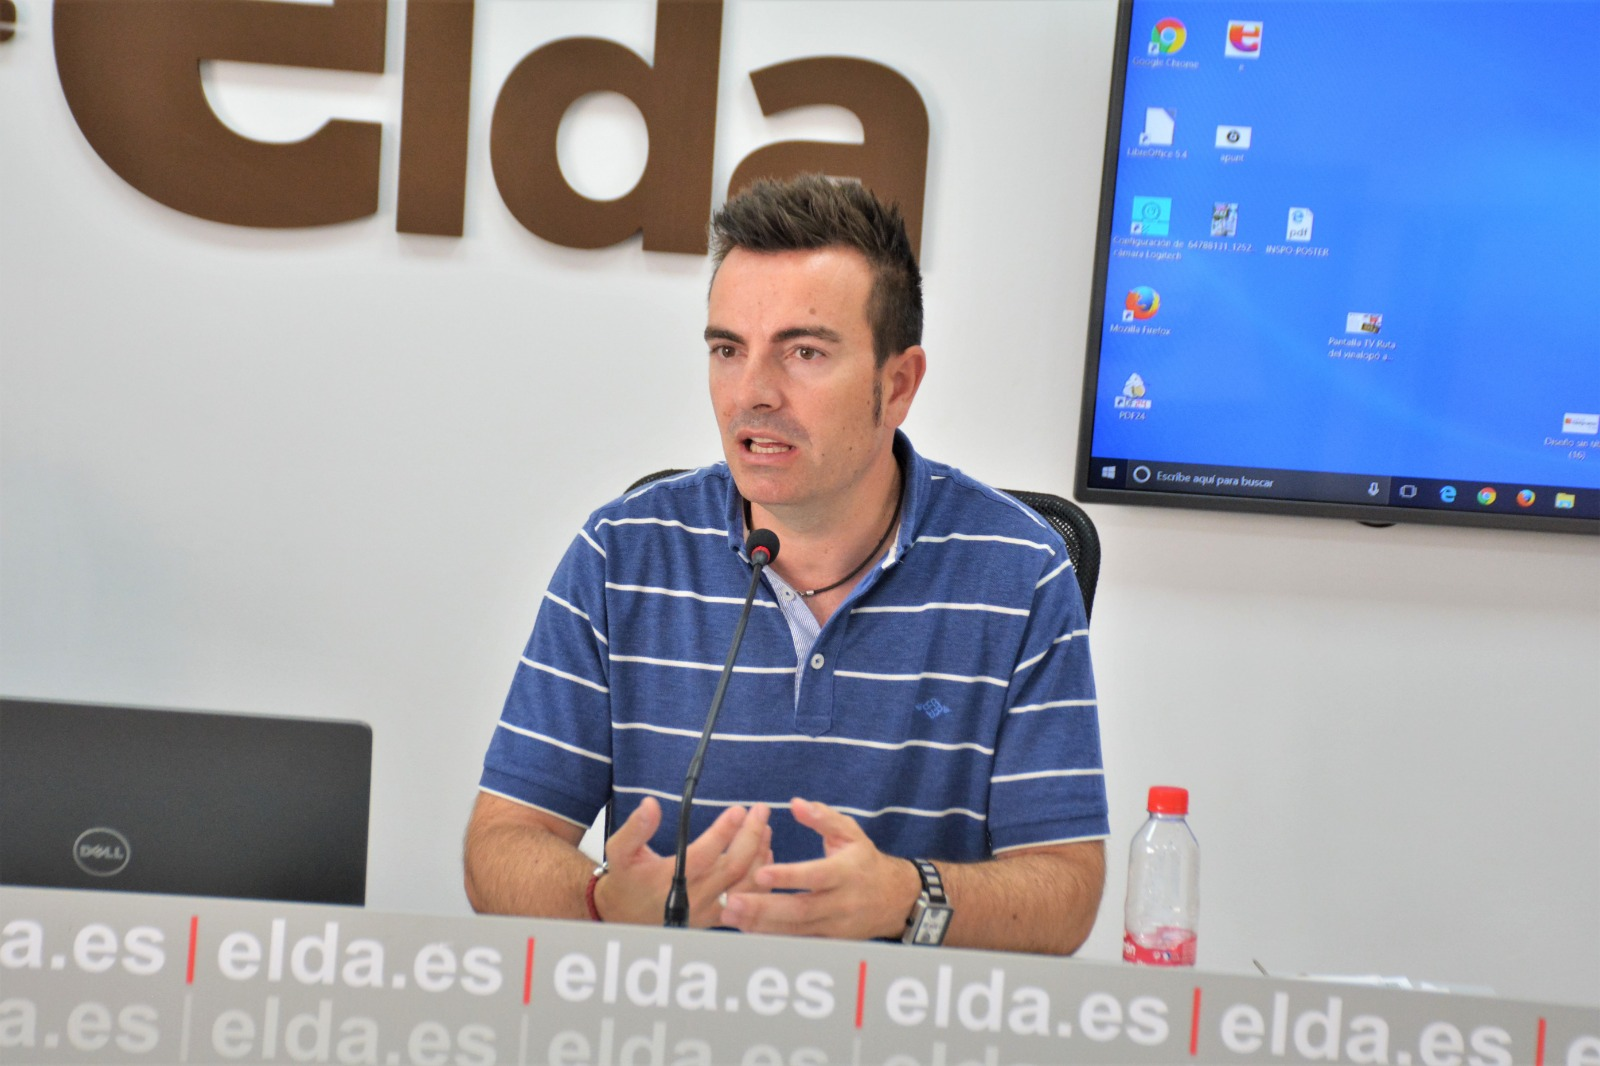 El Ayuntamiento de Elda adjudica la contrata para la mejora del alumbrado en el Nuevo Pepico Amat, la Pista de Atletismo y el Pabellón Juan Carlos Verdú